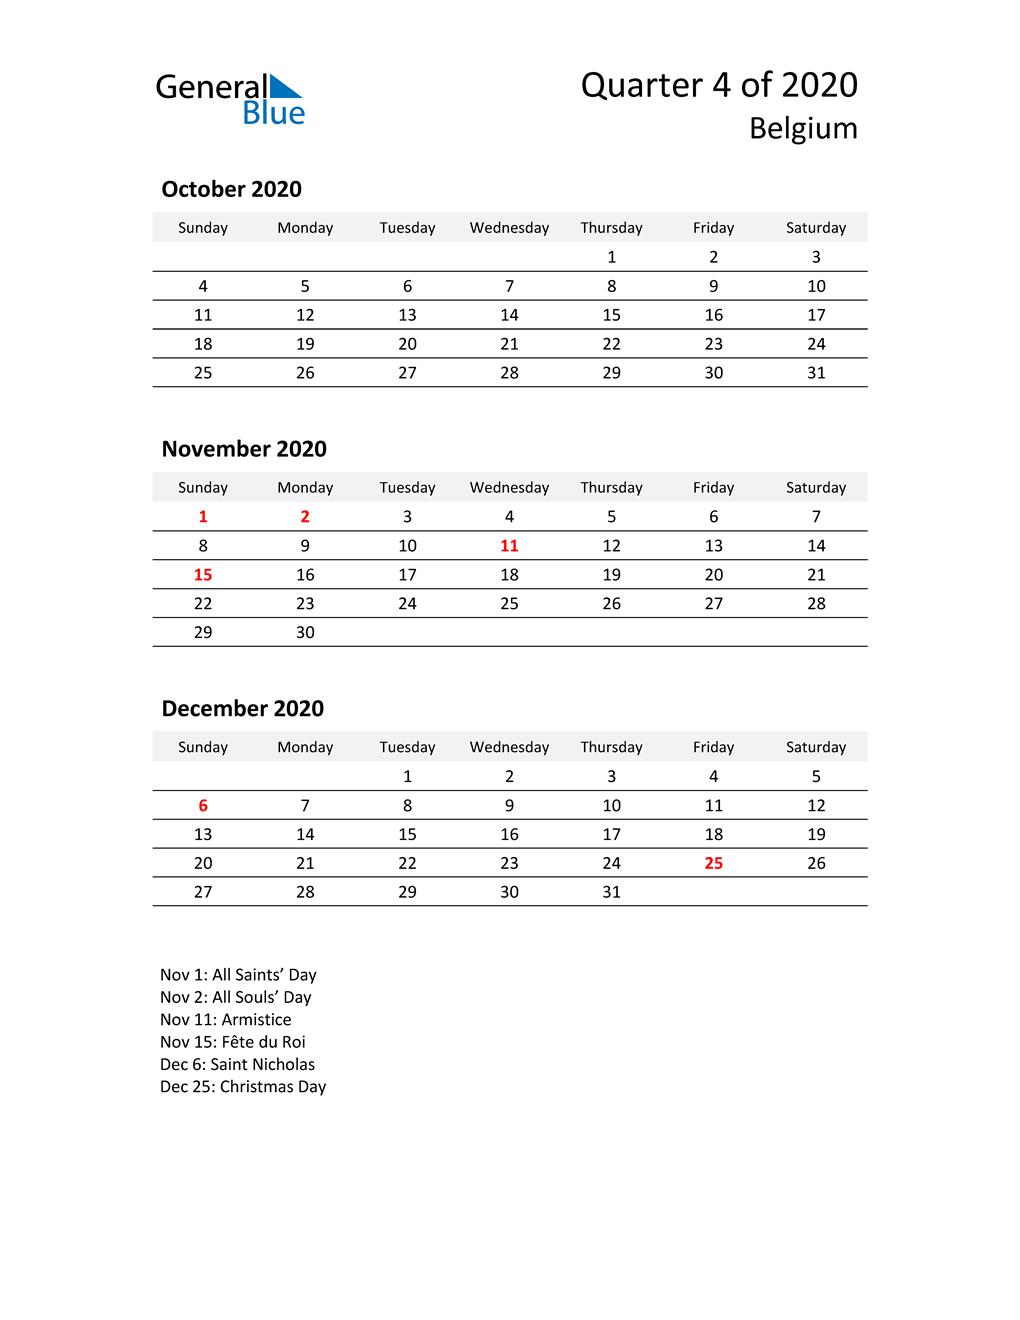 2020 Three-Month Calendar for Belgium